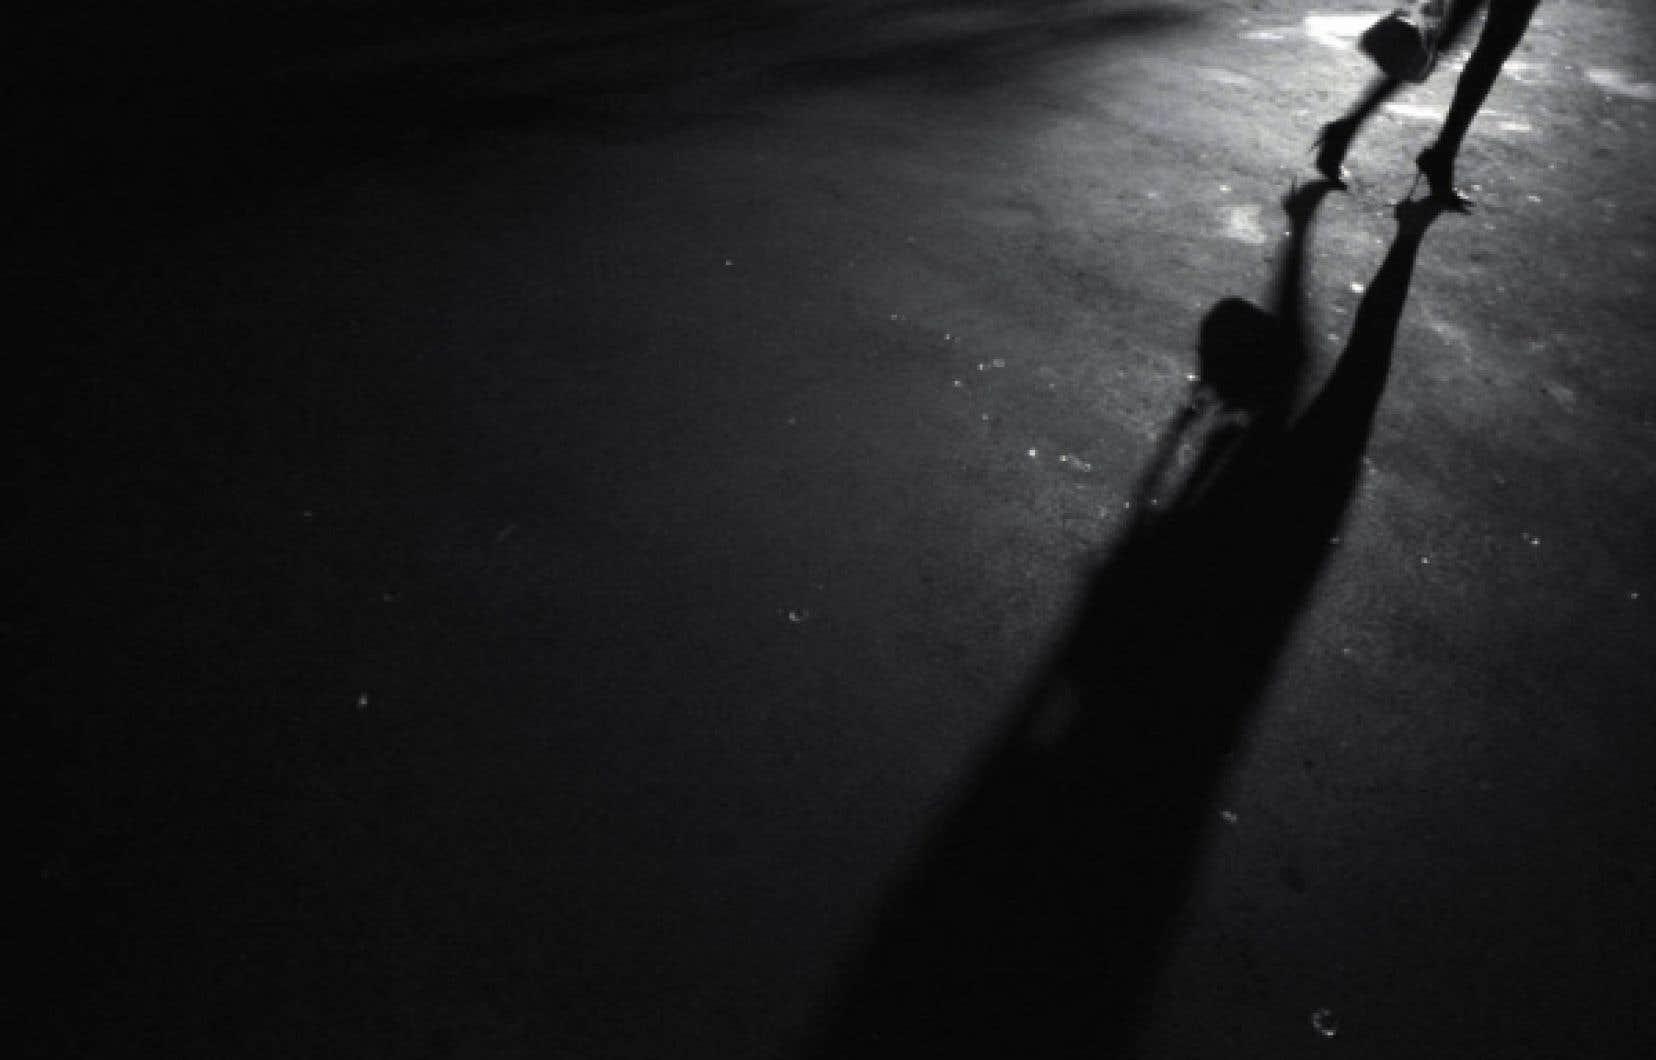 Selon Frances Shaver, sociologue de l'Université Concordia, les travailleurs du sexe ont en général de nombreuses autres expériences de travail, ce qui irait à l'encontre de l'argument selon lequel ils sont «confinés» à l'industrie du sexe. <br />